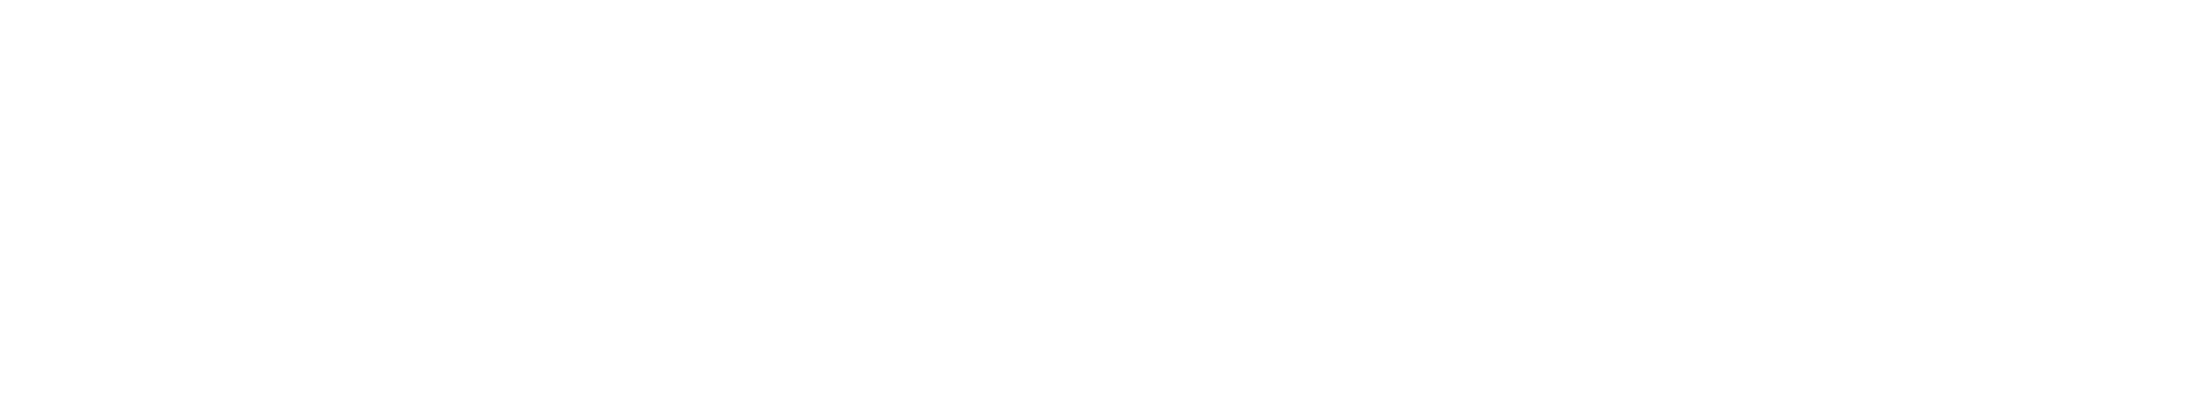 AlphaFemme Human Healing and Optimization